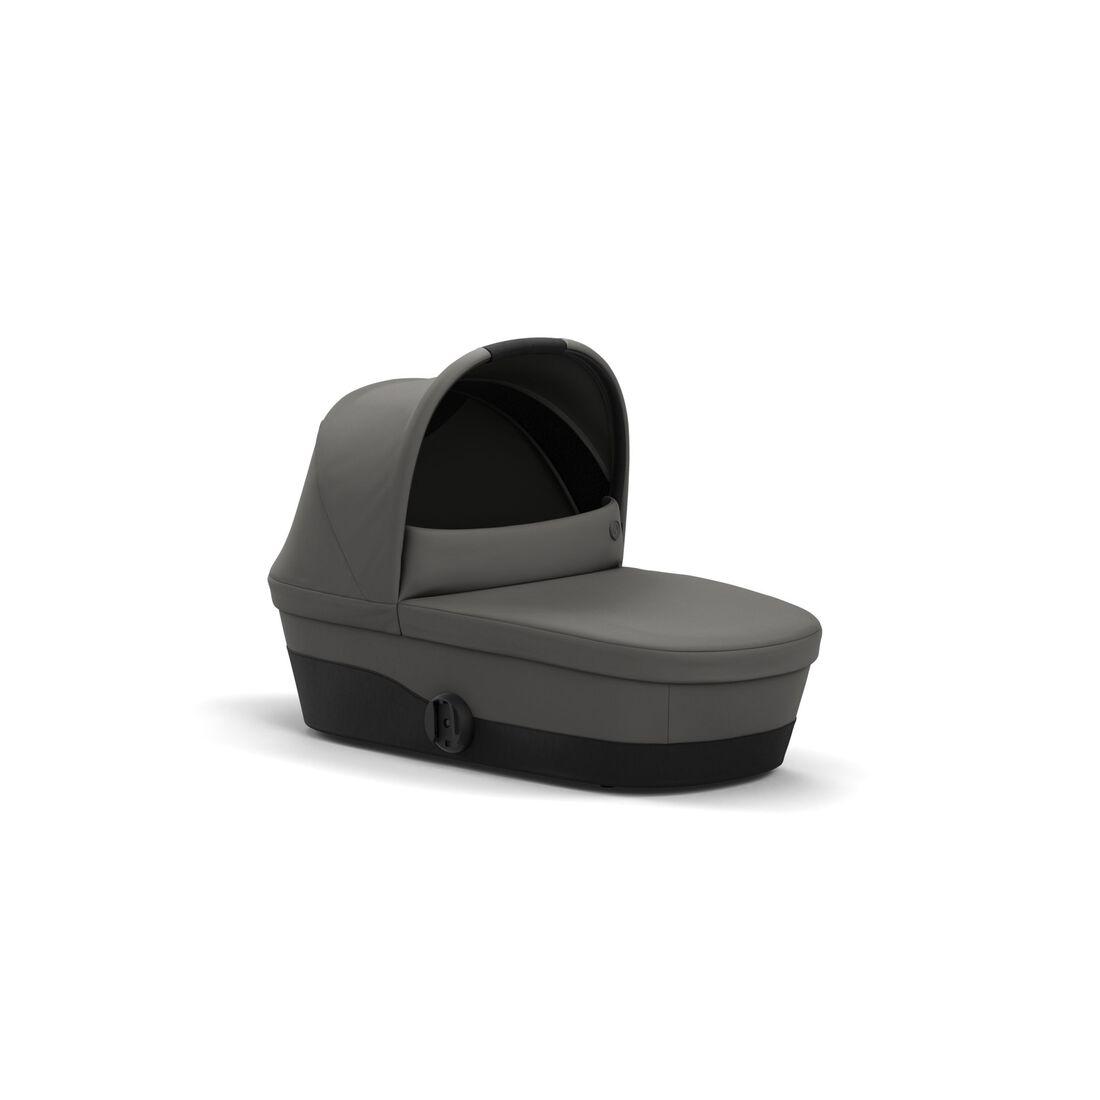 CYBEX Melio Cot - Soho Grey in Soho Grey large Bild 1